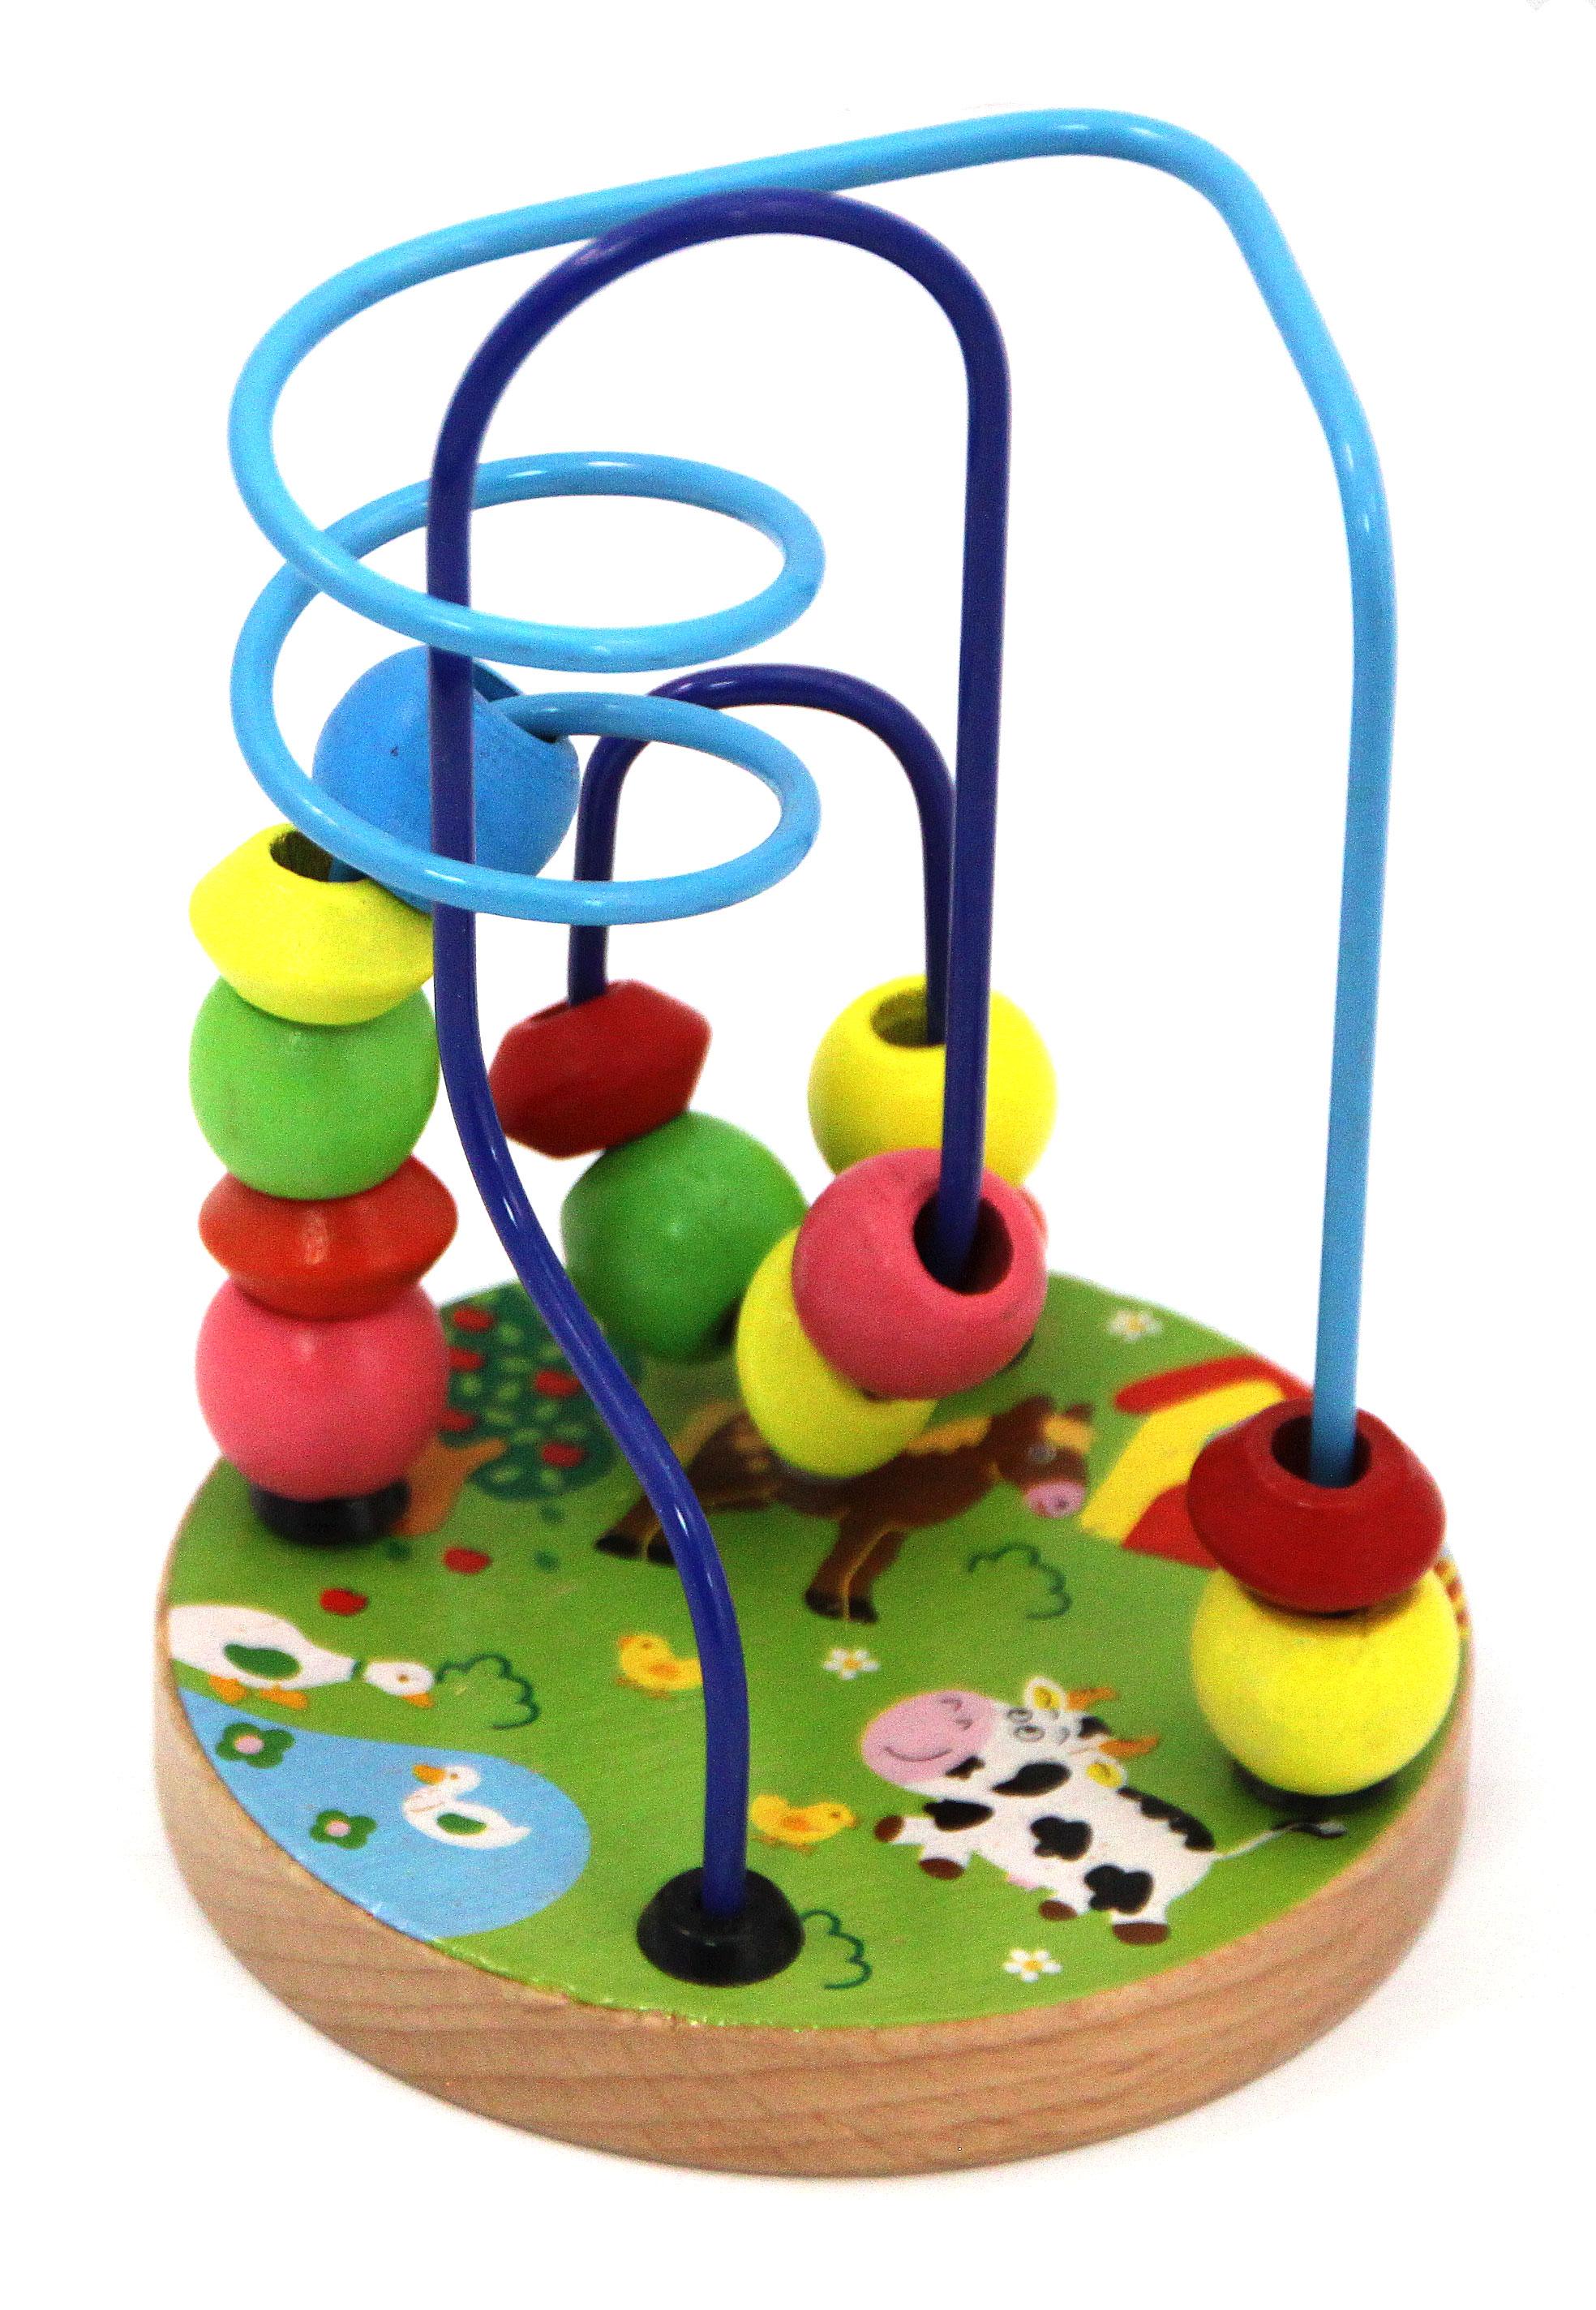 Деревянные игрушки База игрушек Лабиринт деревянный База игрушек в асс. мир деревянной игрушки лабиринт лев page 4